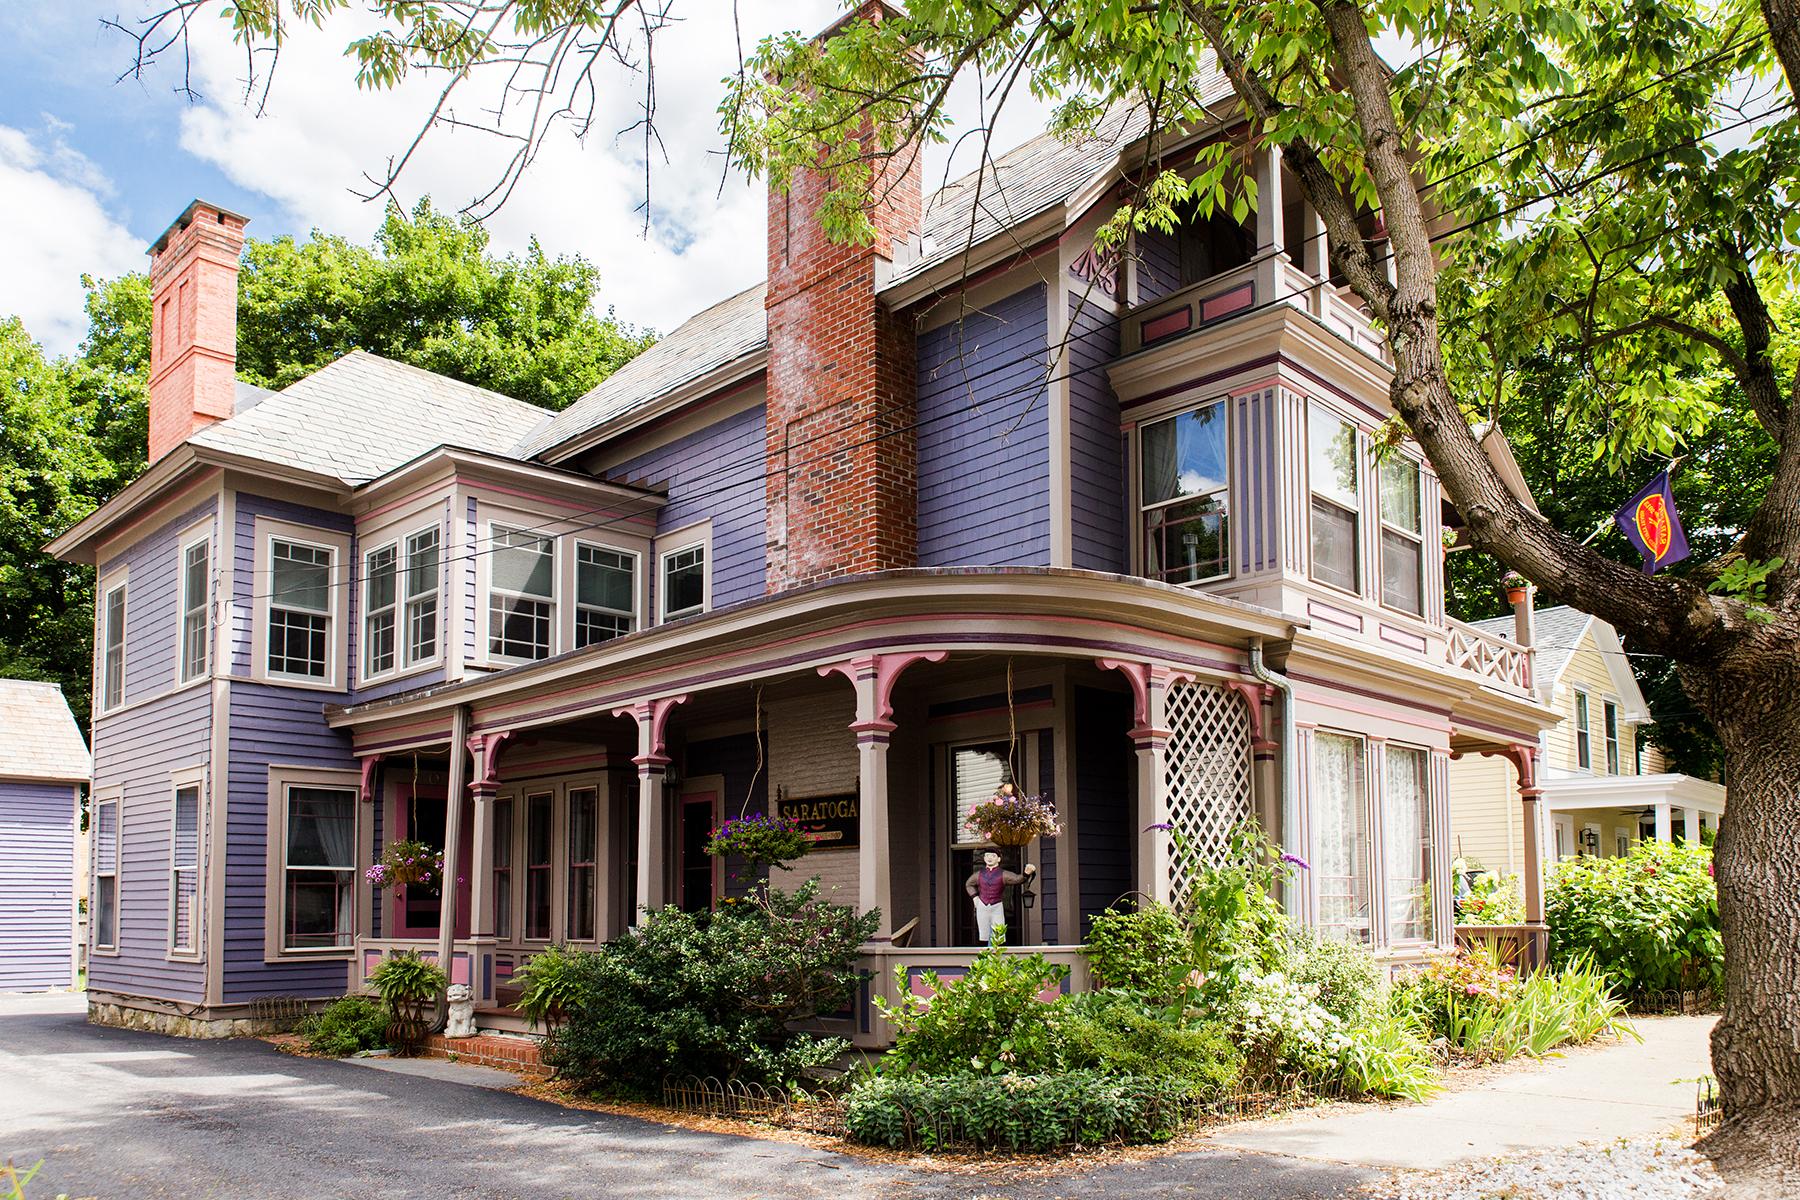 その他の住居 のために 売買 アット East Side Saratoga Springs Victorian 147 Spring Street Saratoga Springs, ニューヨーク 12866 アメリカ合衆国